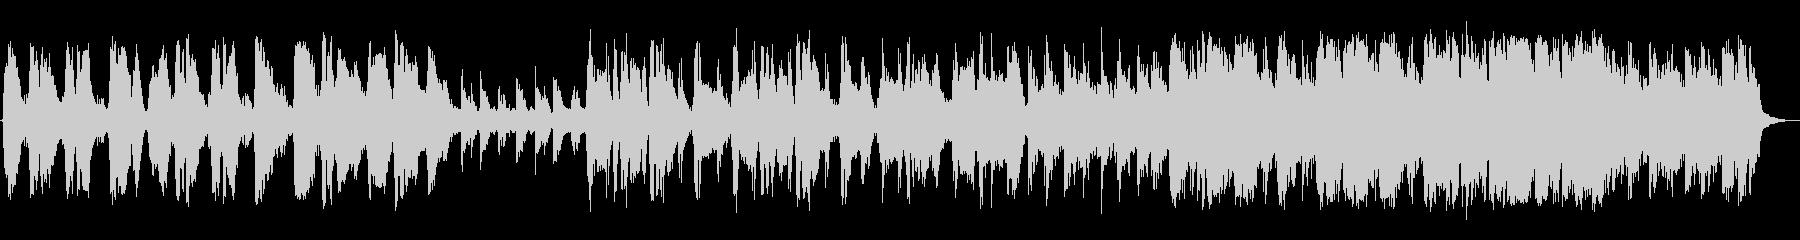 バイオリンクラシックの未再生の波形